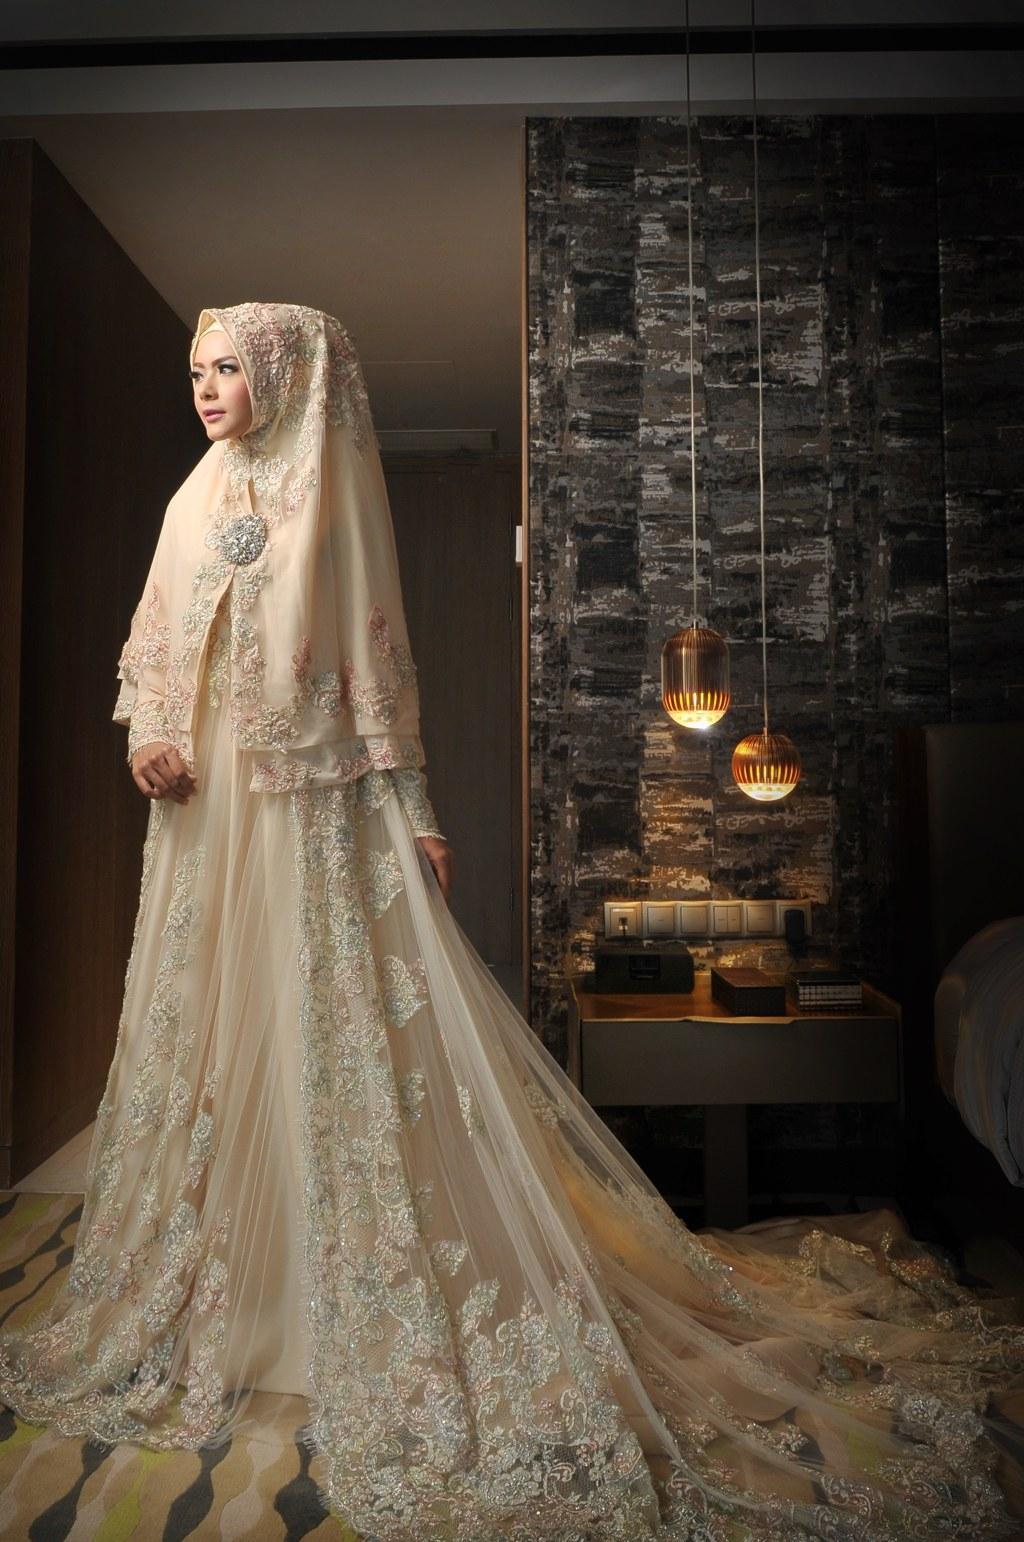 Model Sewa Gaun Pengantin Muslimah Yogyakarta Wddj 80 Sewa Gaun Pengantin Dan Make Up Jakarta